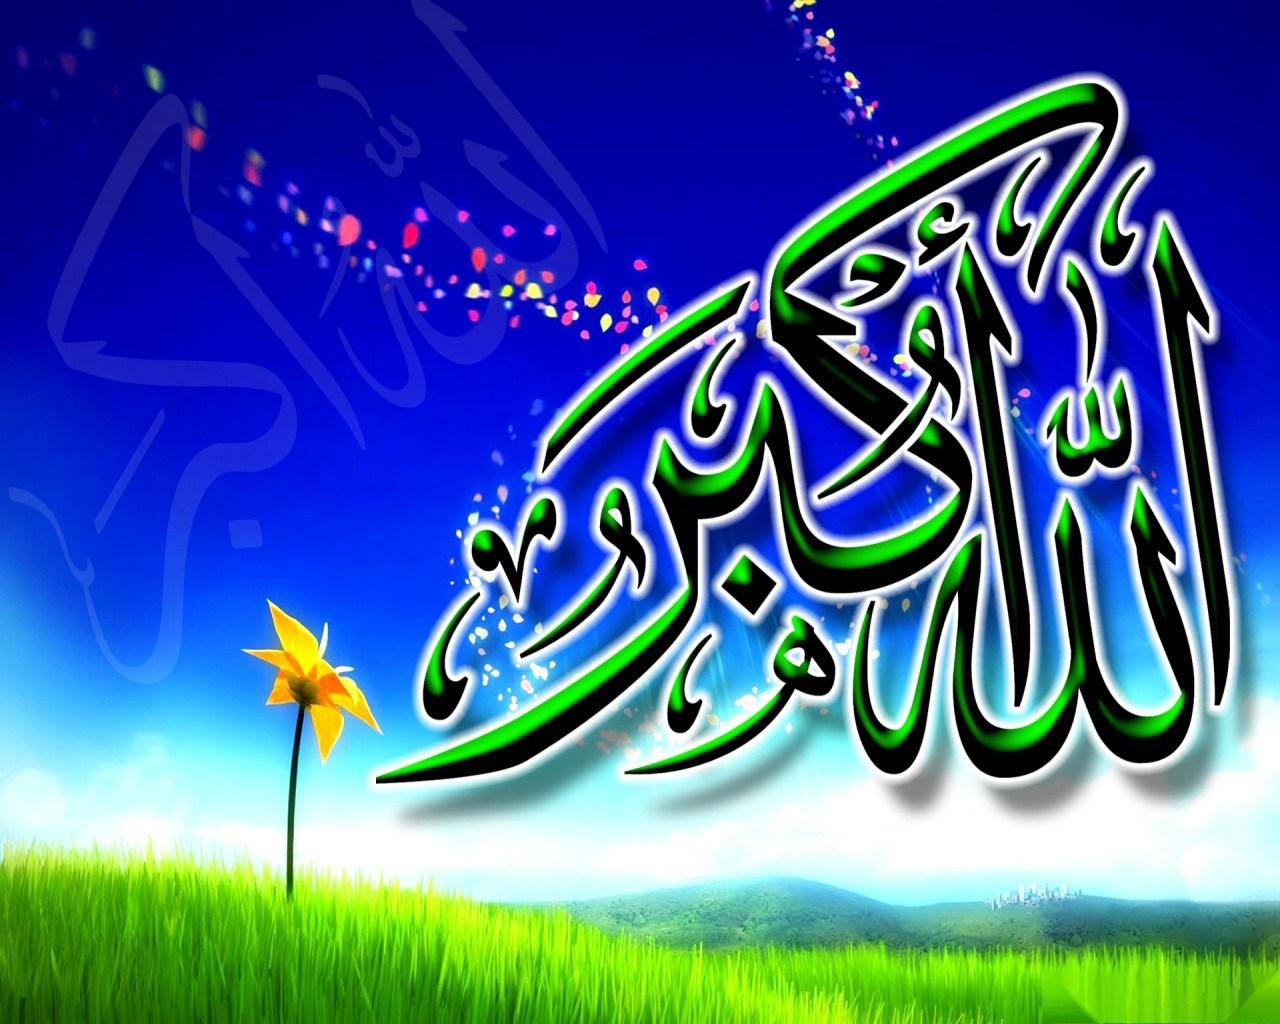 بالصور صور اسلاميه , اجمل الصور التى تخص الاسلام 5402 6